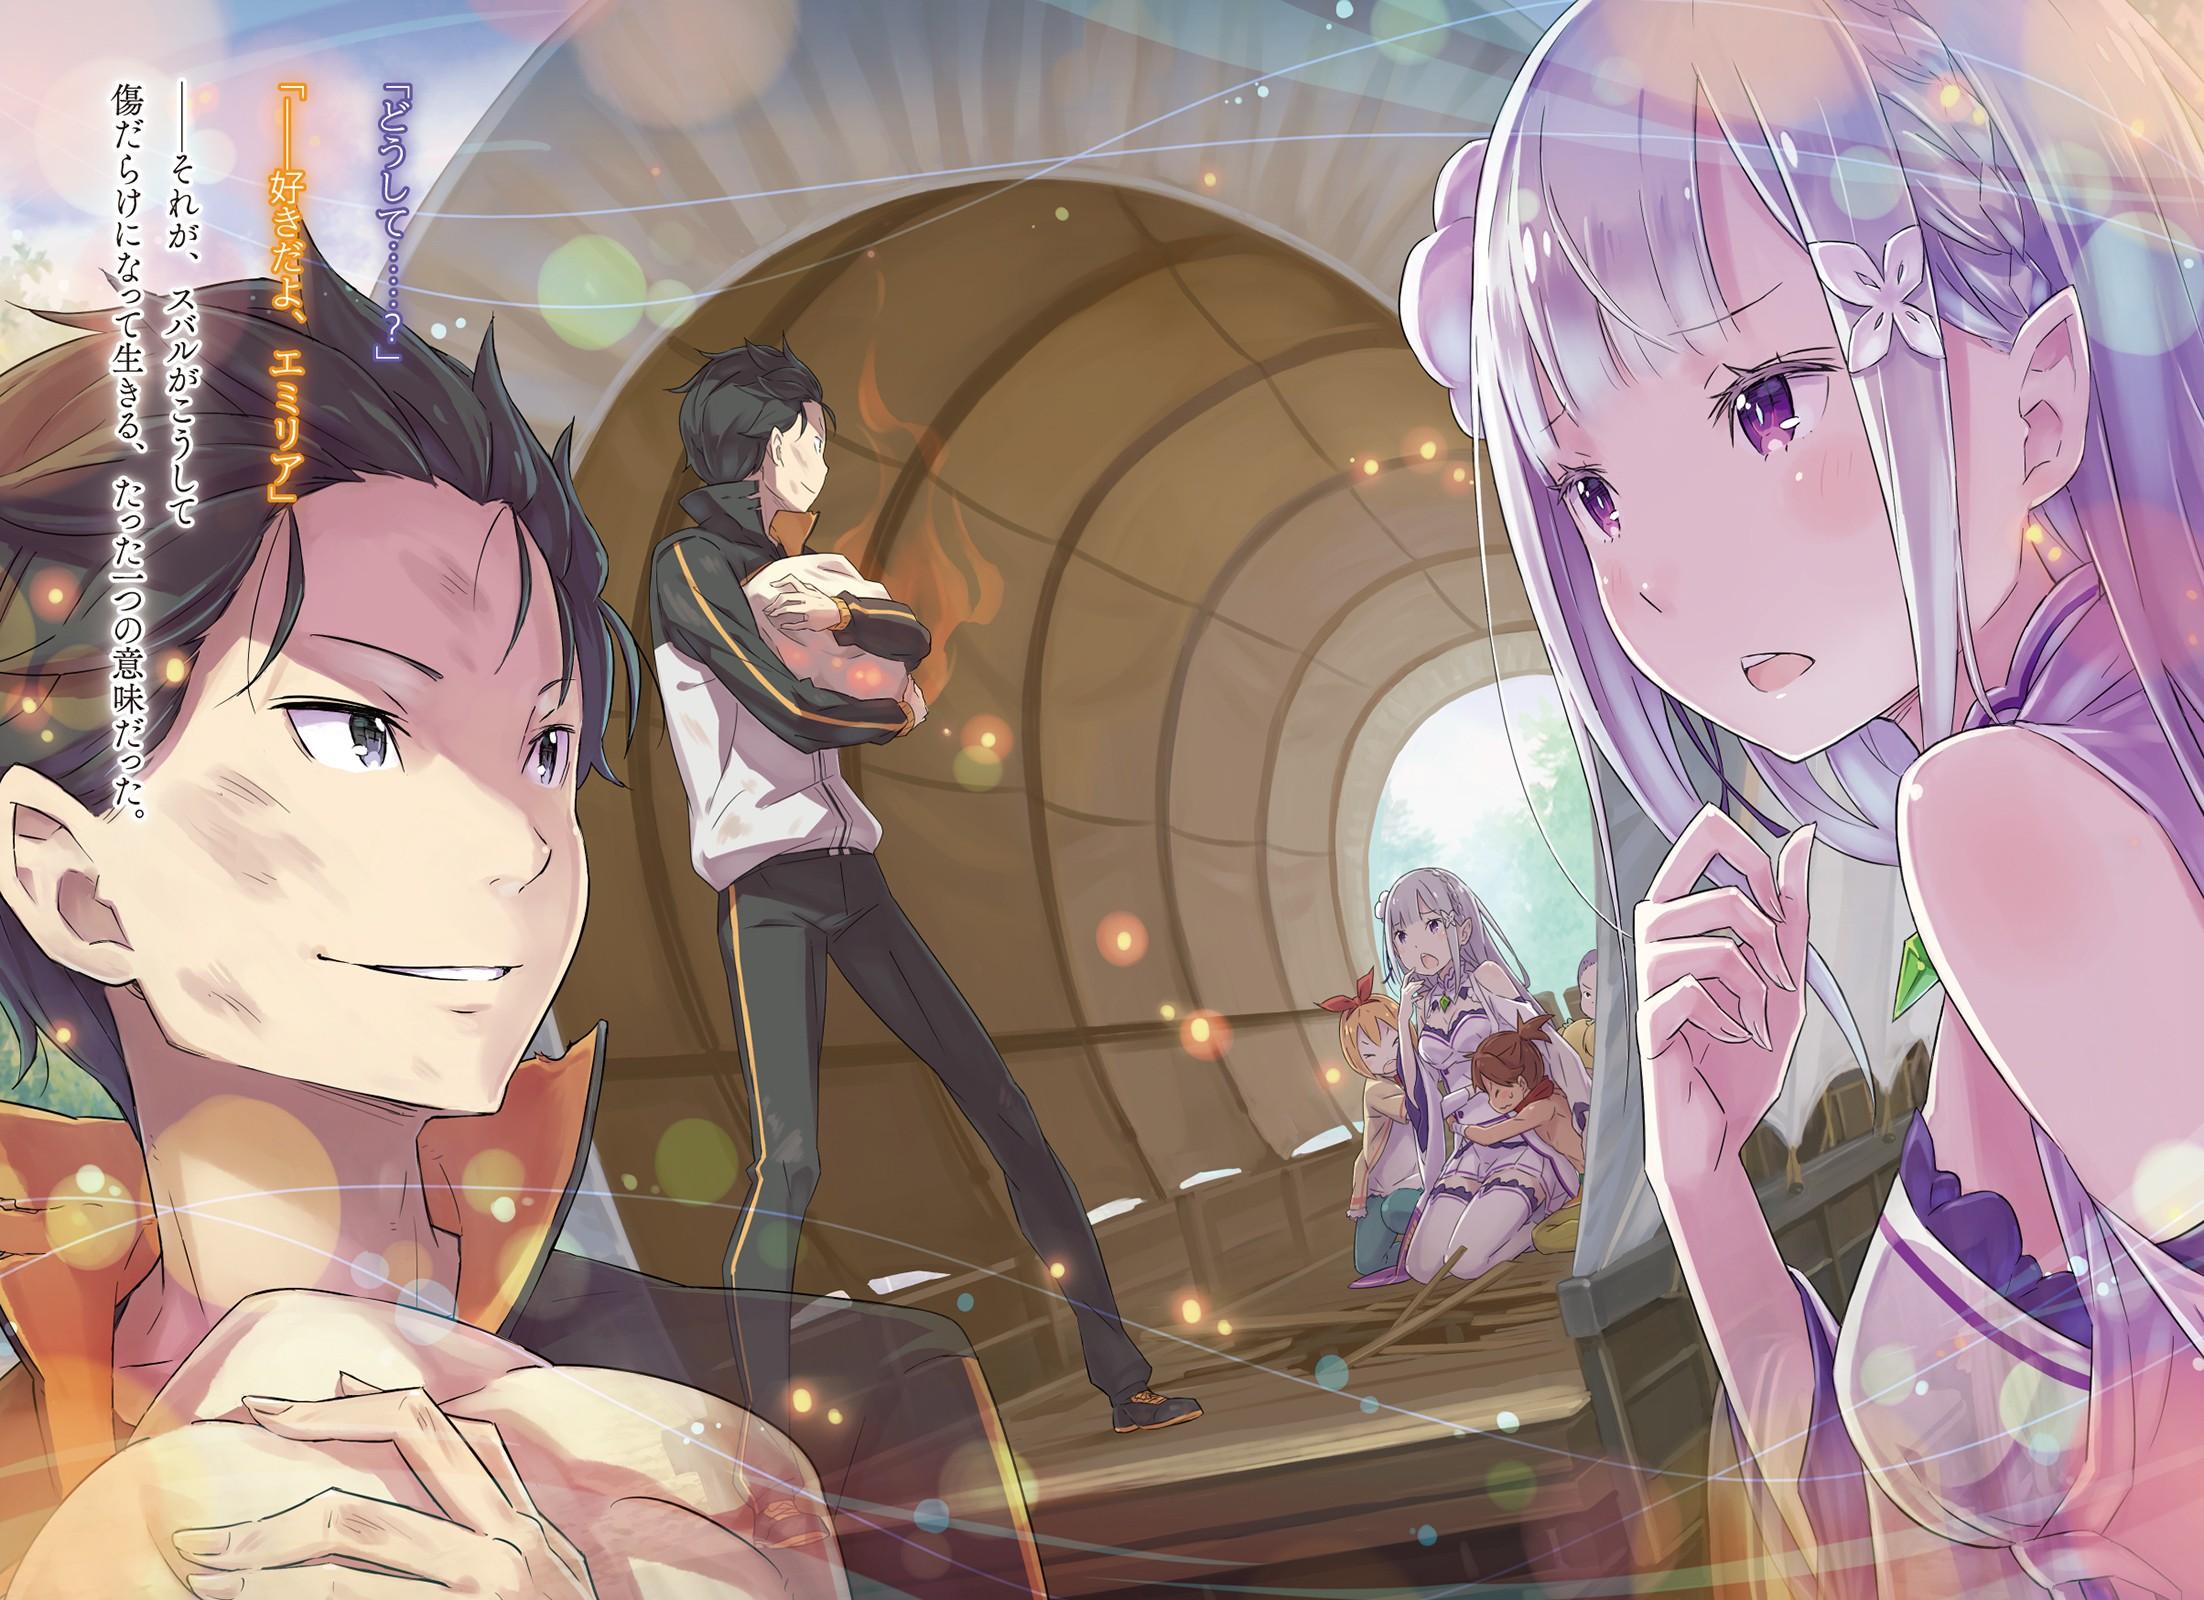 Anime 2204x1600 Re:Zero Kara Hajimeru Isekai Seikatsu Natsuki Subaru Emilia (Re: Zero) carriage